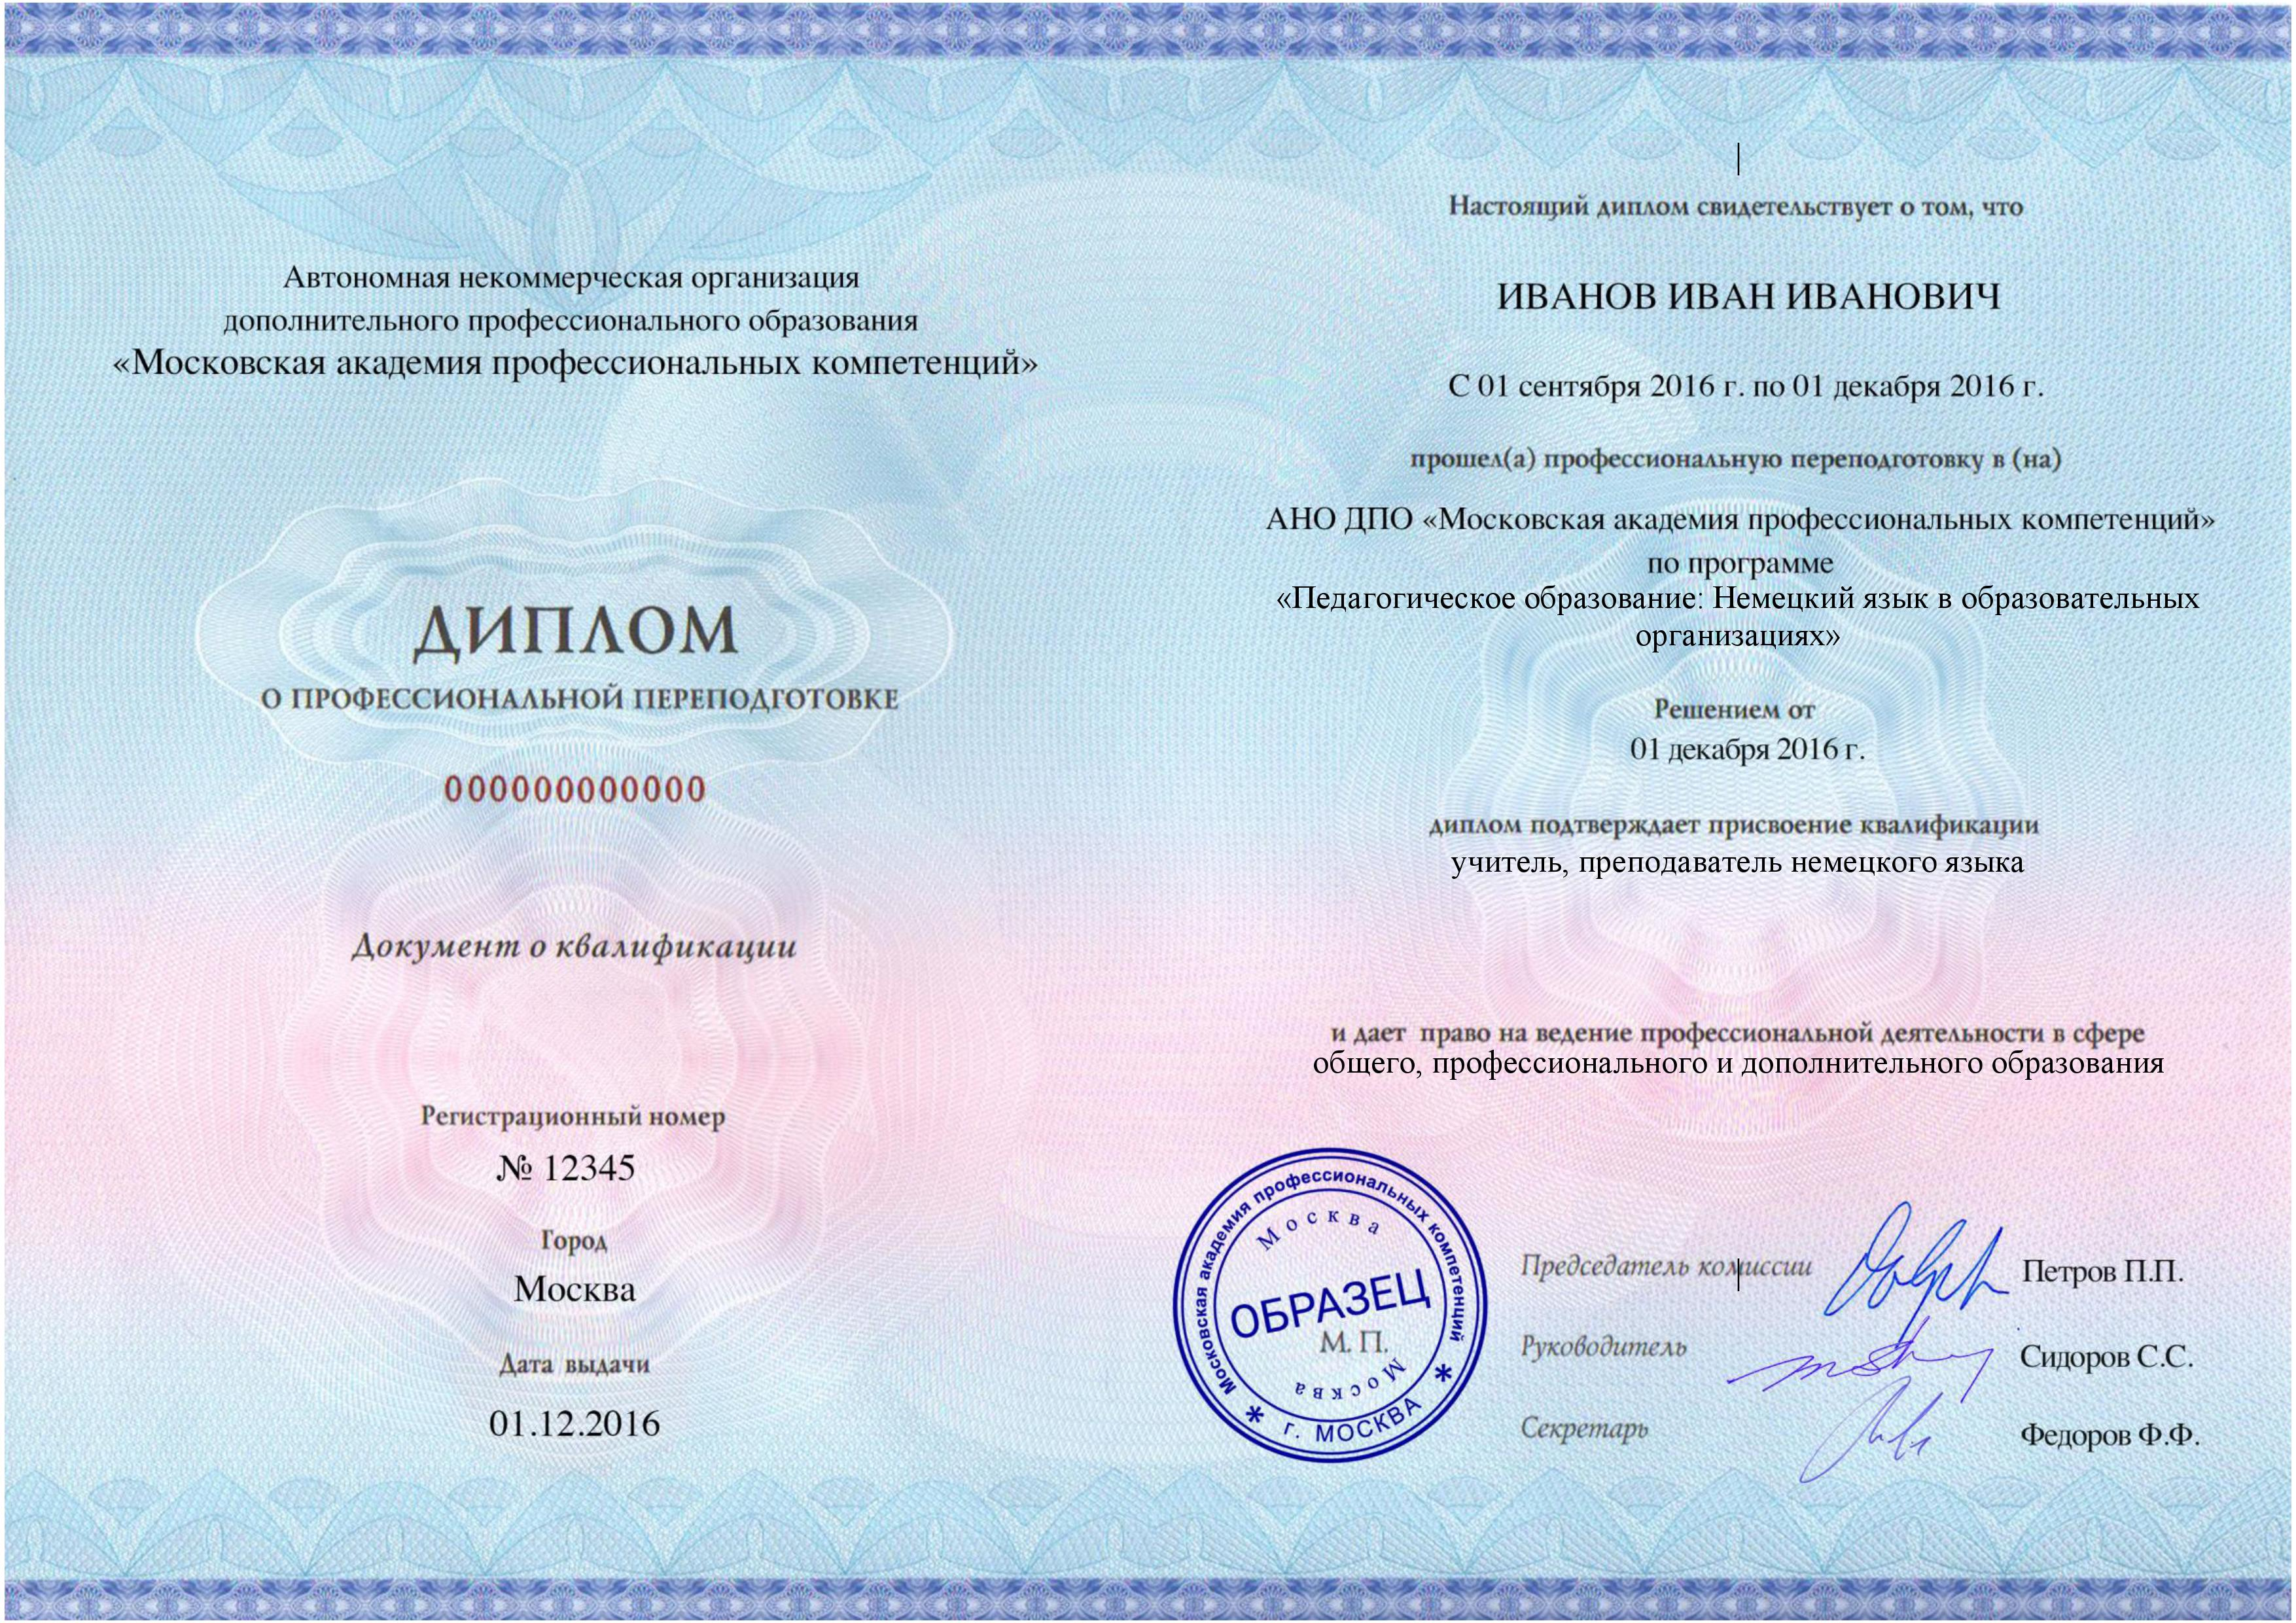 Педагогическое образование Немецкий язык в образовательных  Диплом с присвоением квалификации